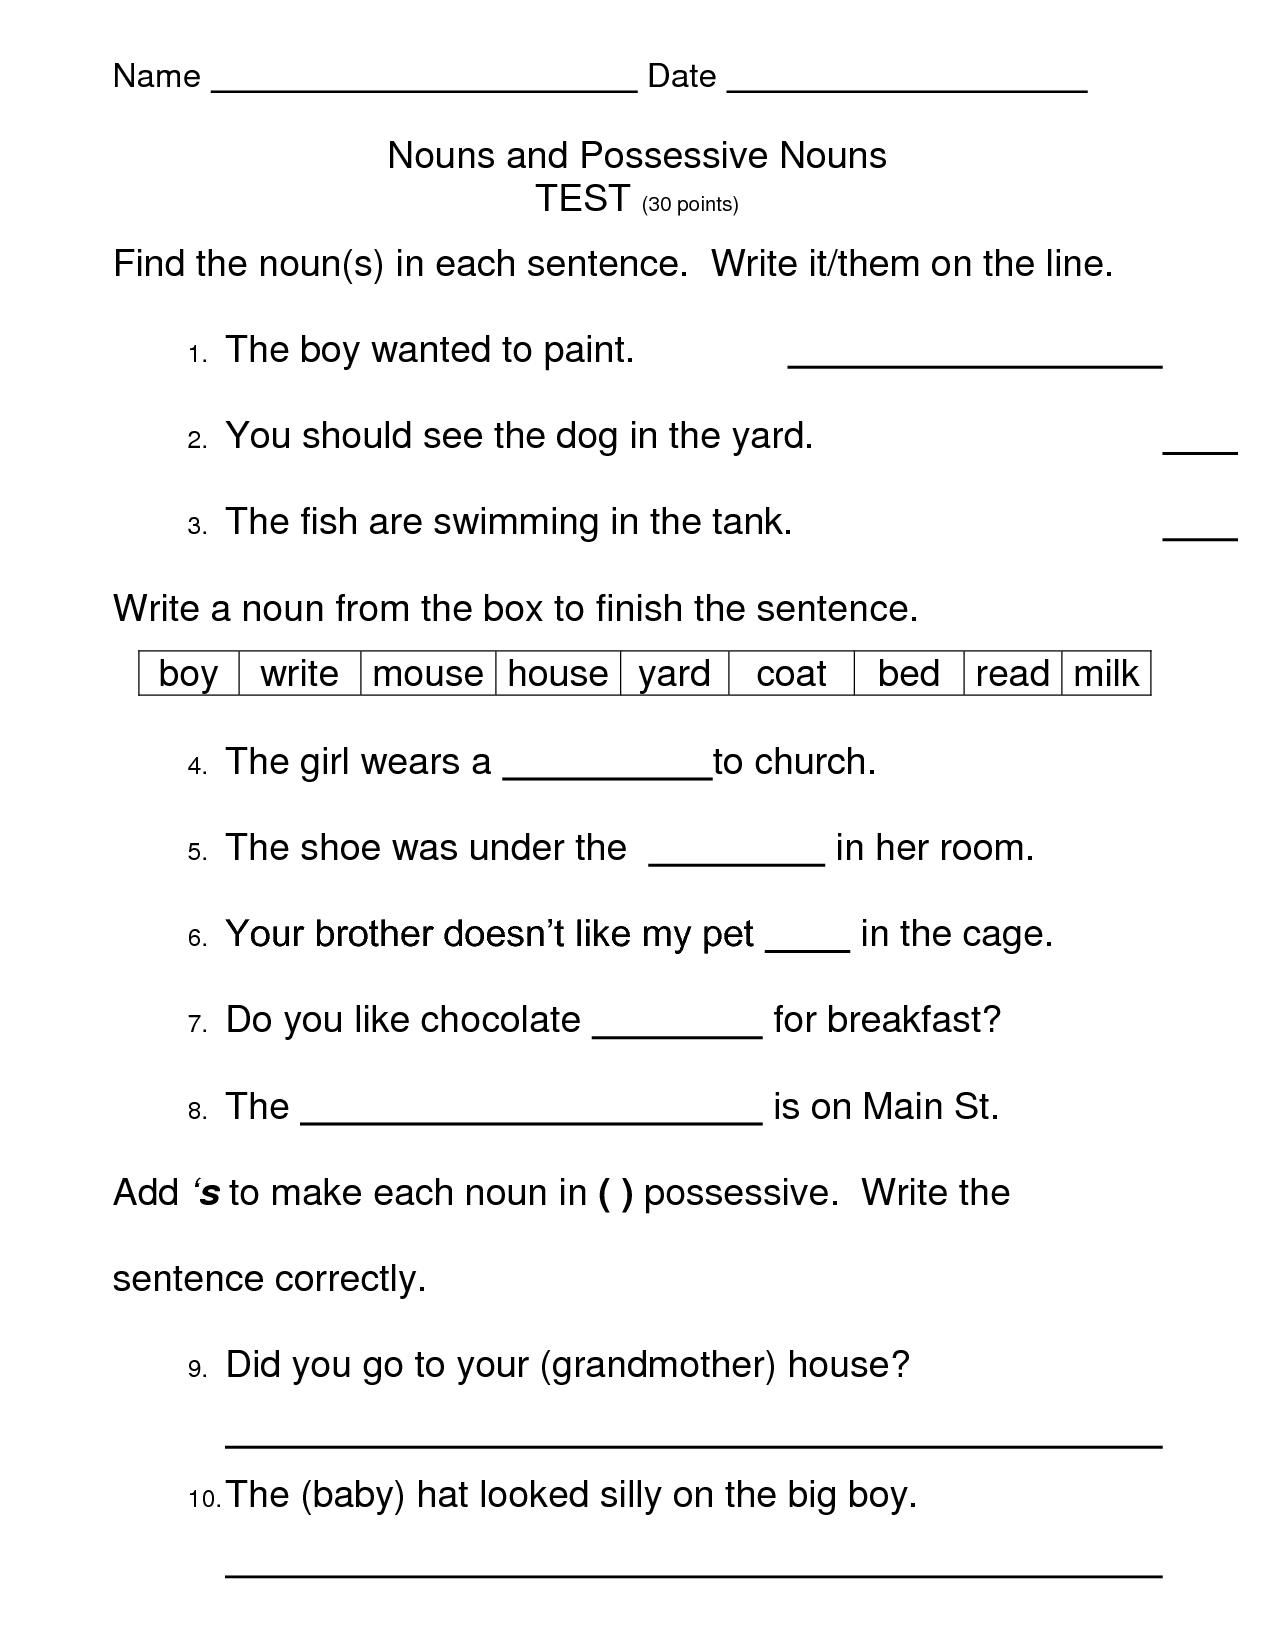 15 Best Images Of Noun Test Worksheet